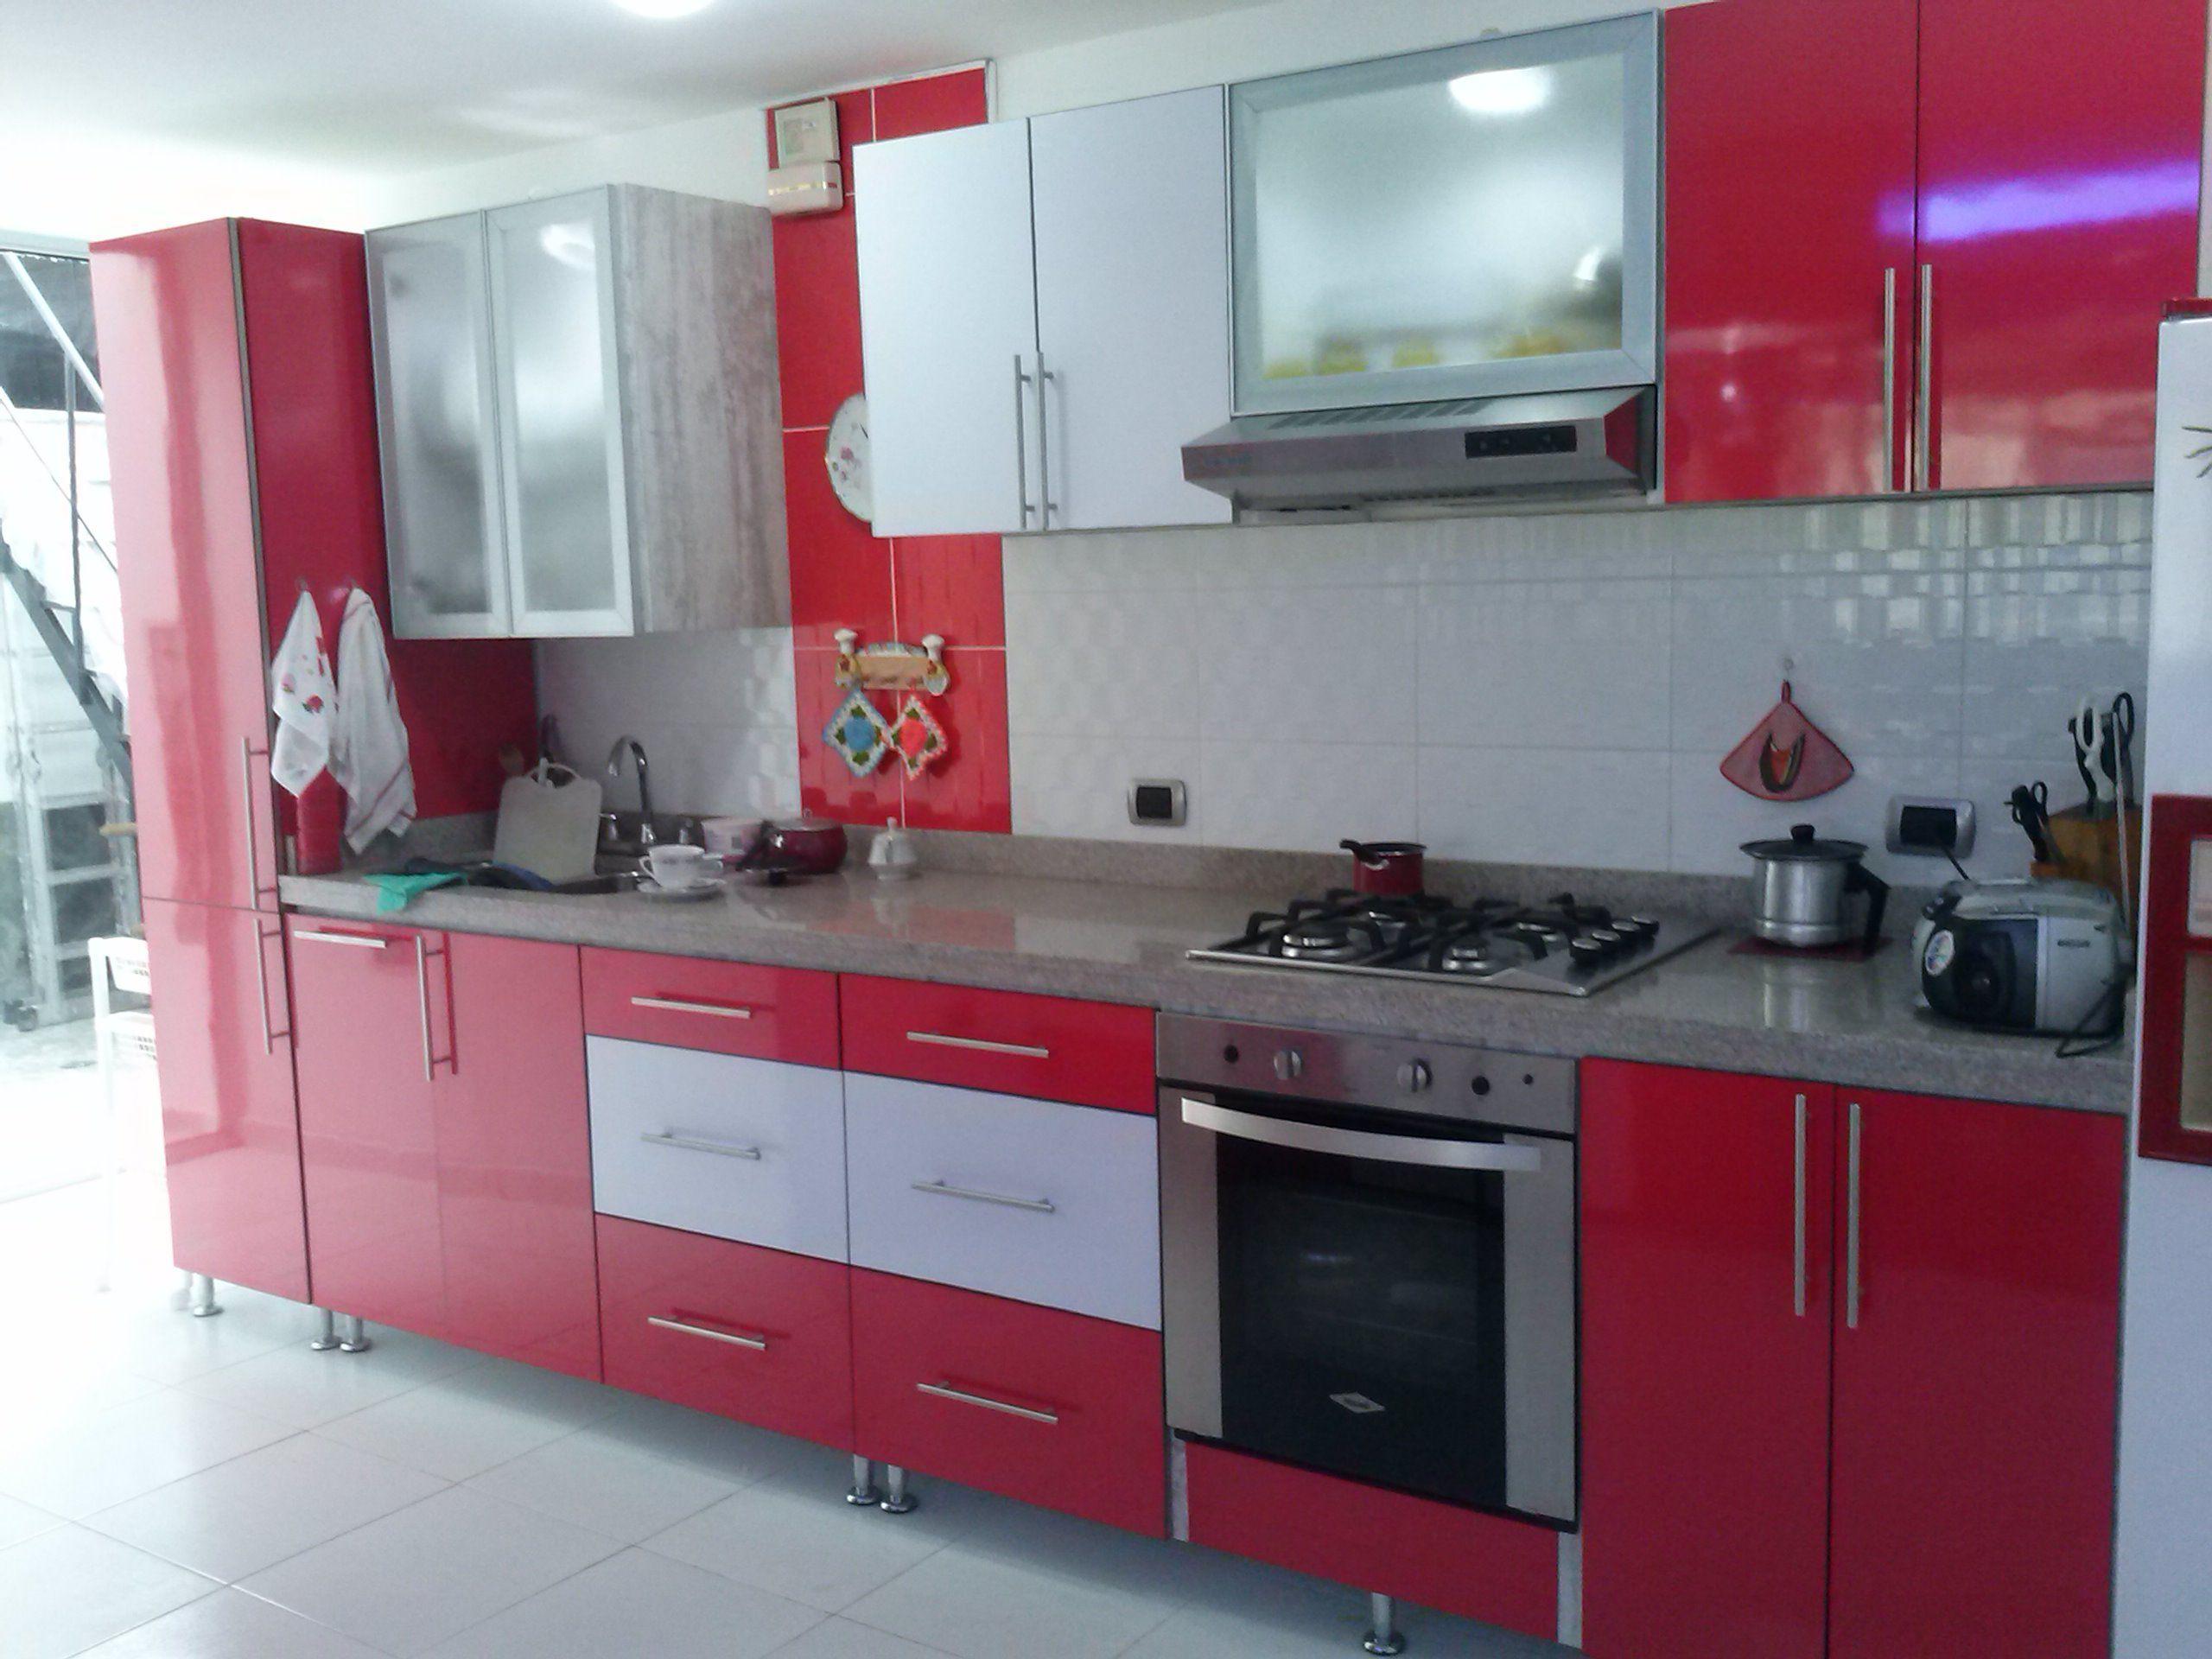 Cocina integral roja con puertas en aluminio y vidrio for Cocinas integrales en aluminio